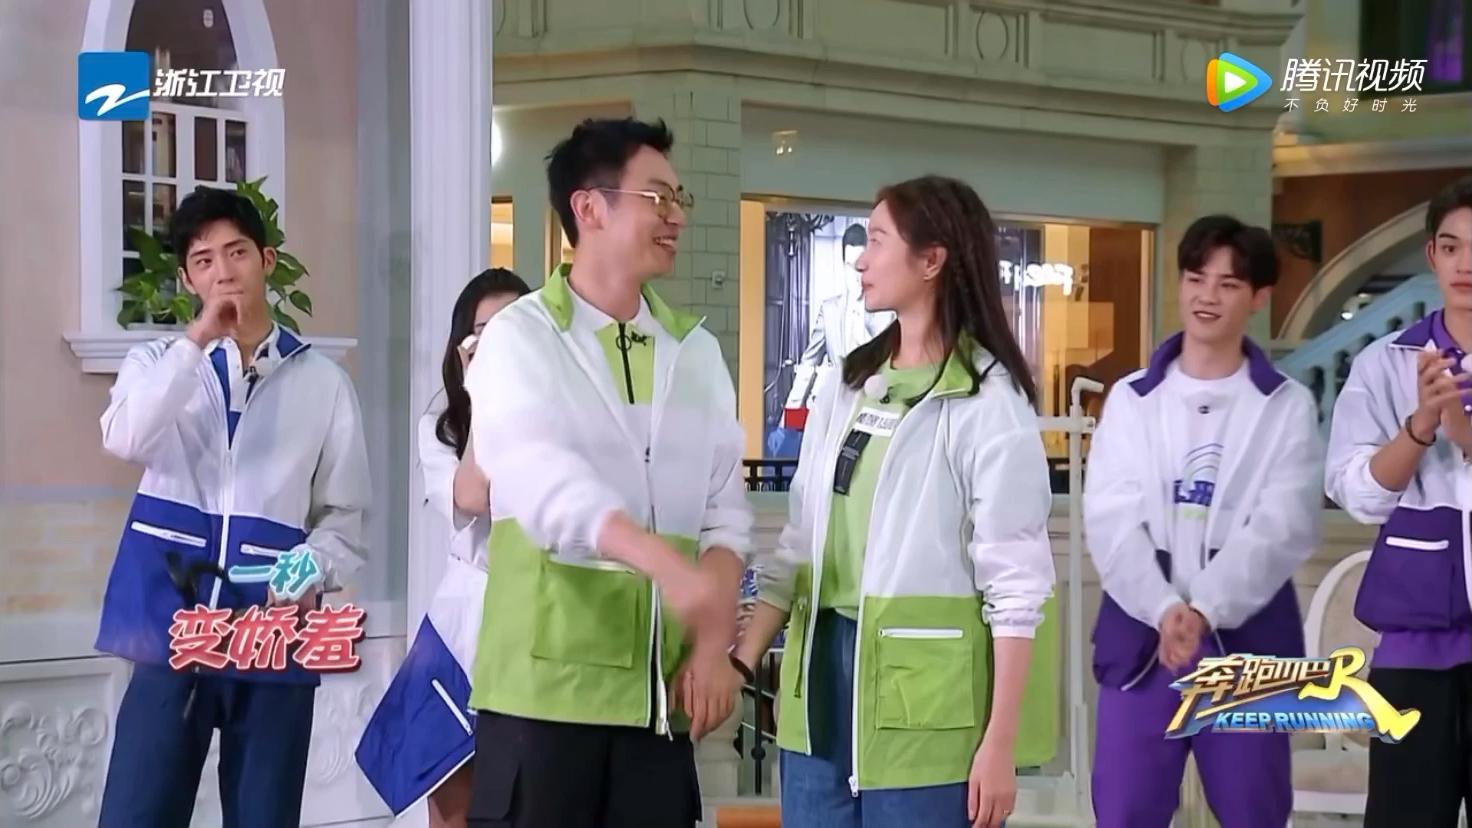 【奔跑吧兄弟】朱亚文携妻子一起参加节目,恩爱秀一脸